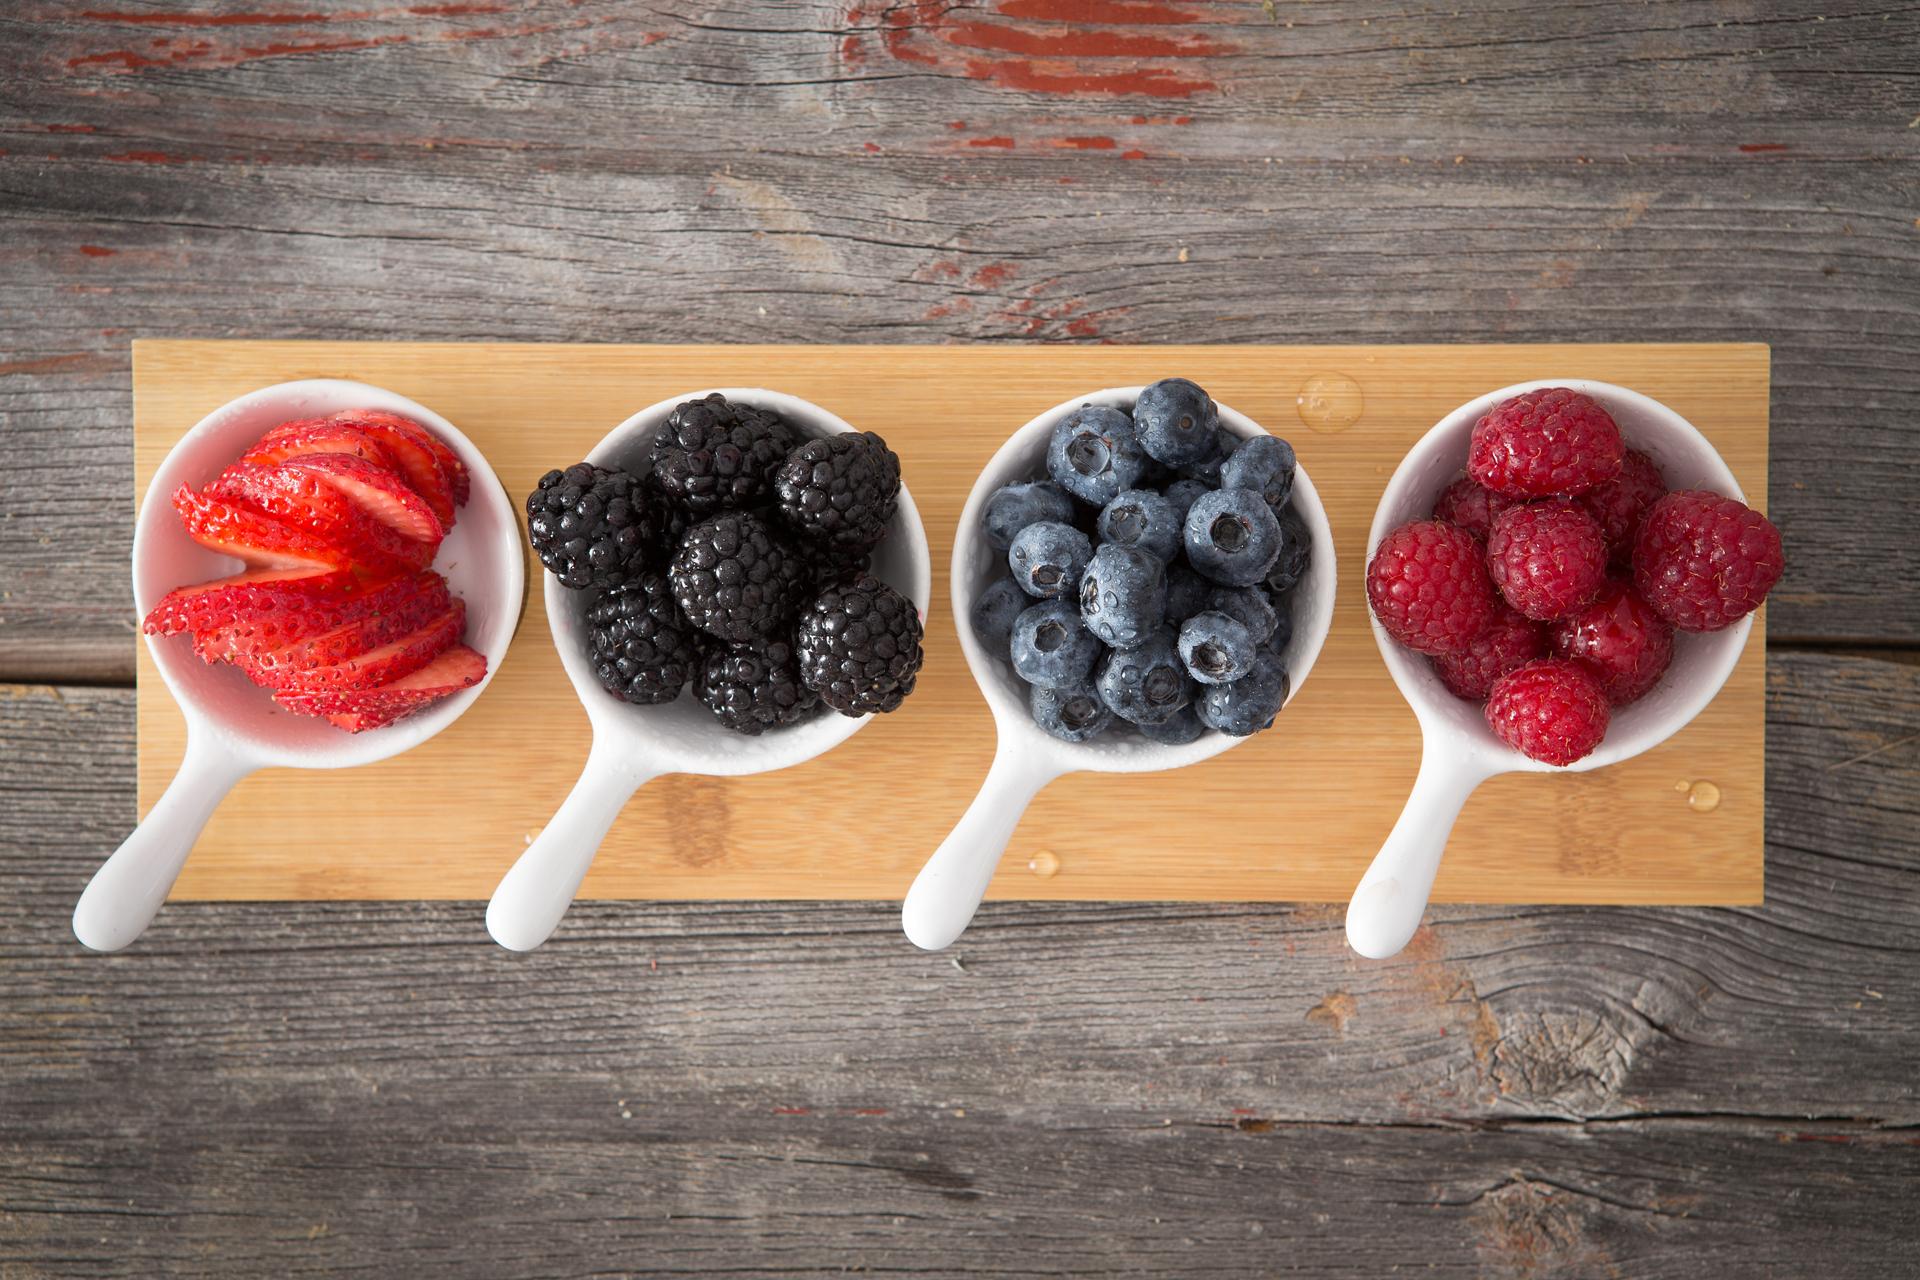 Desde retrasar los signos del envejecimiento hasta ayudar a perder peso, se cree estas frutas diminutas son la clave para mejorar la piel, el cabello y la salud (Getty Images)